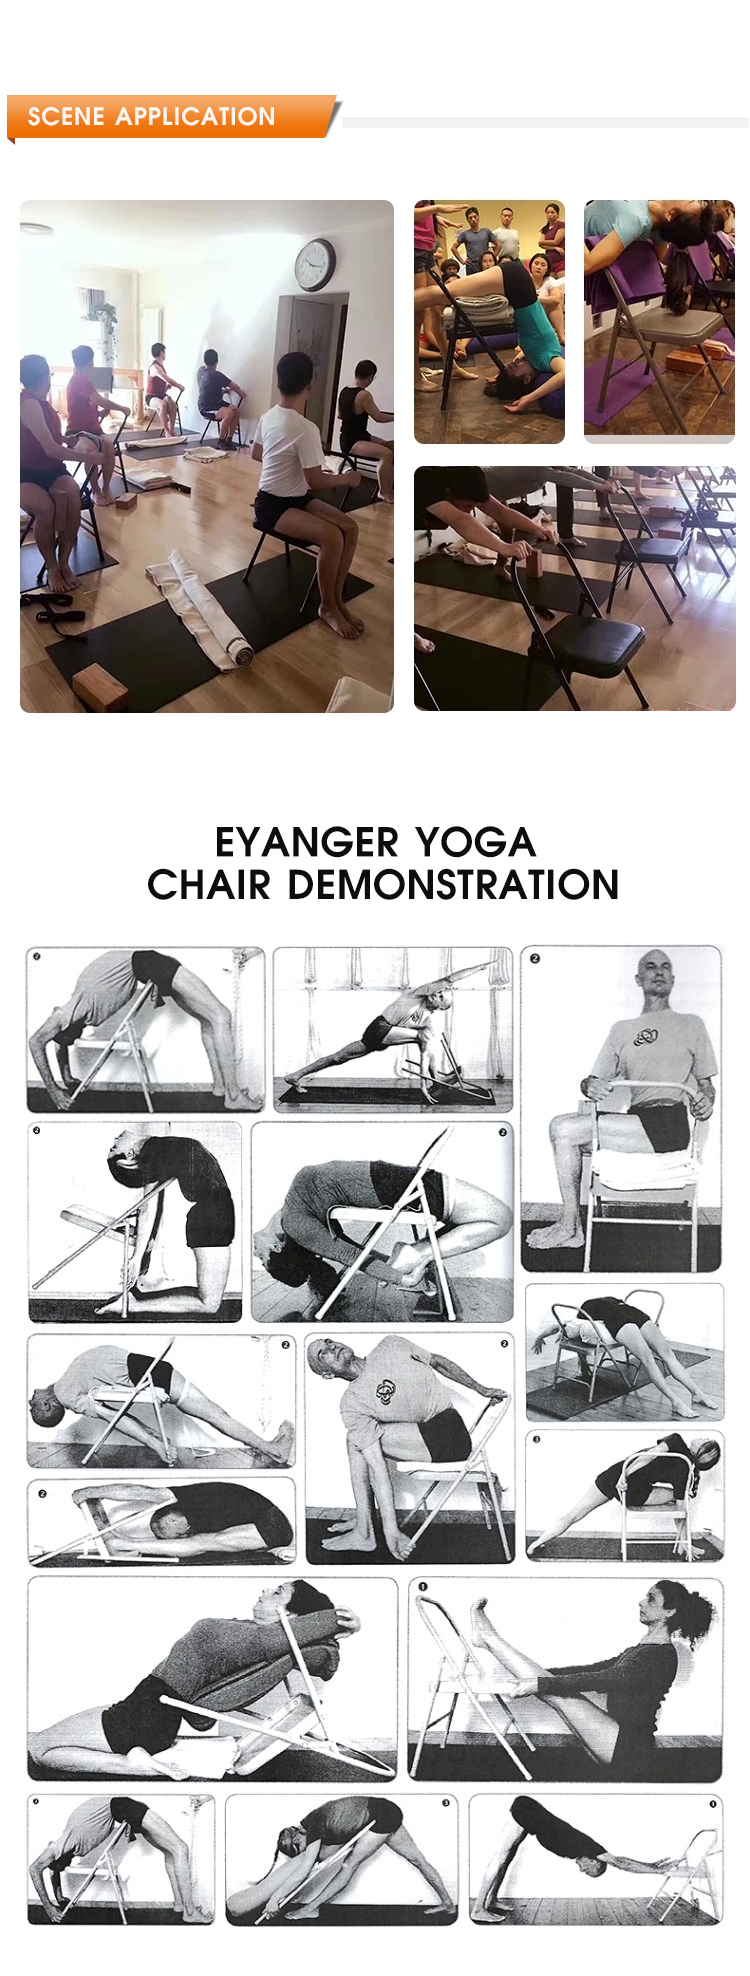 Di alta Qualità del Commercio All'ingrosso di Yoga Pieghevole Sedia, Made In China Metallo Yoga Sedia Per La Meditazione